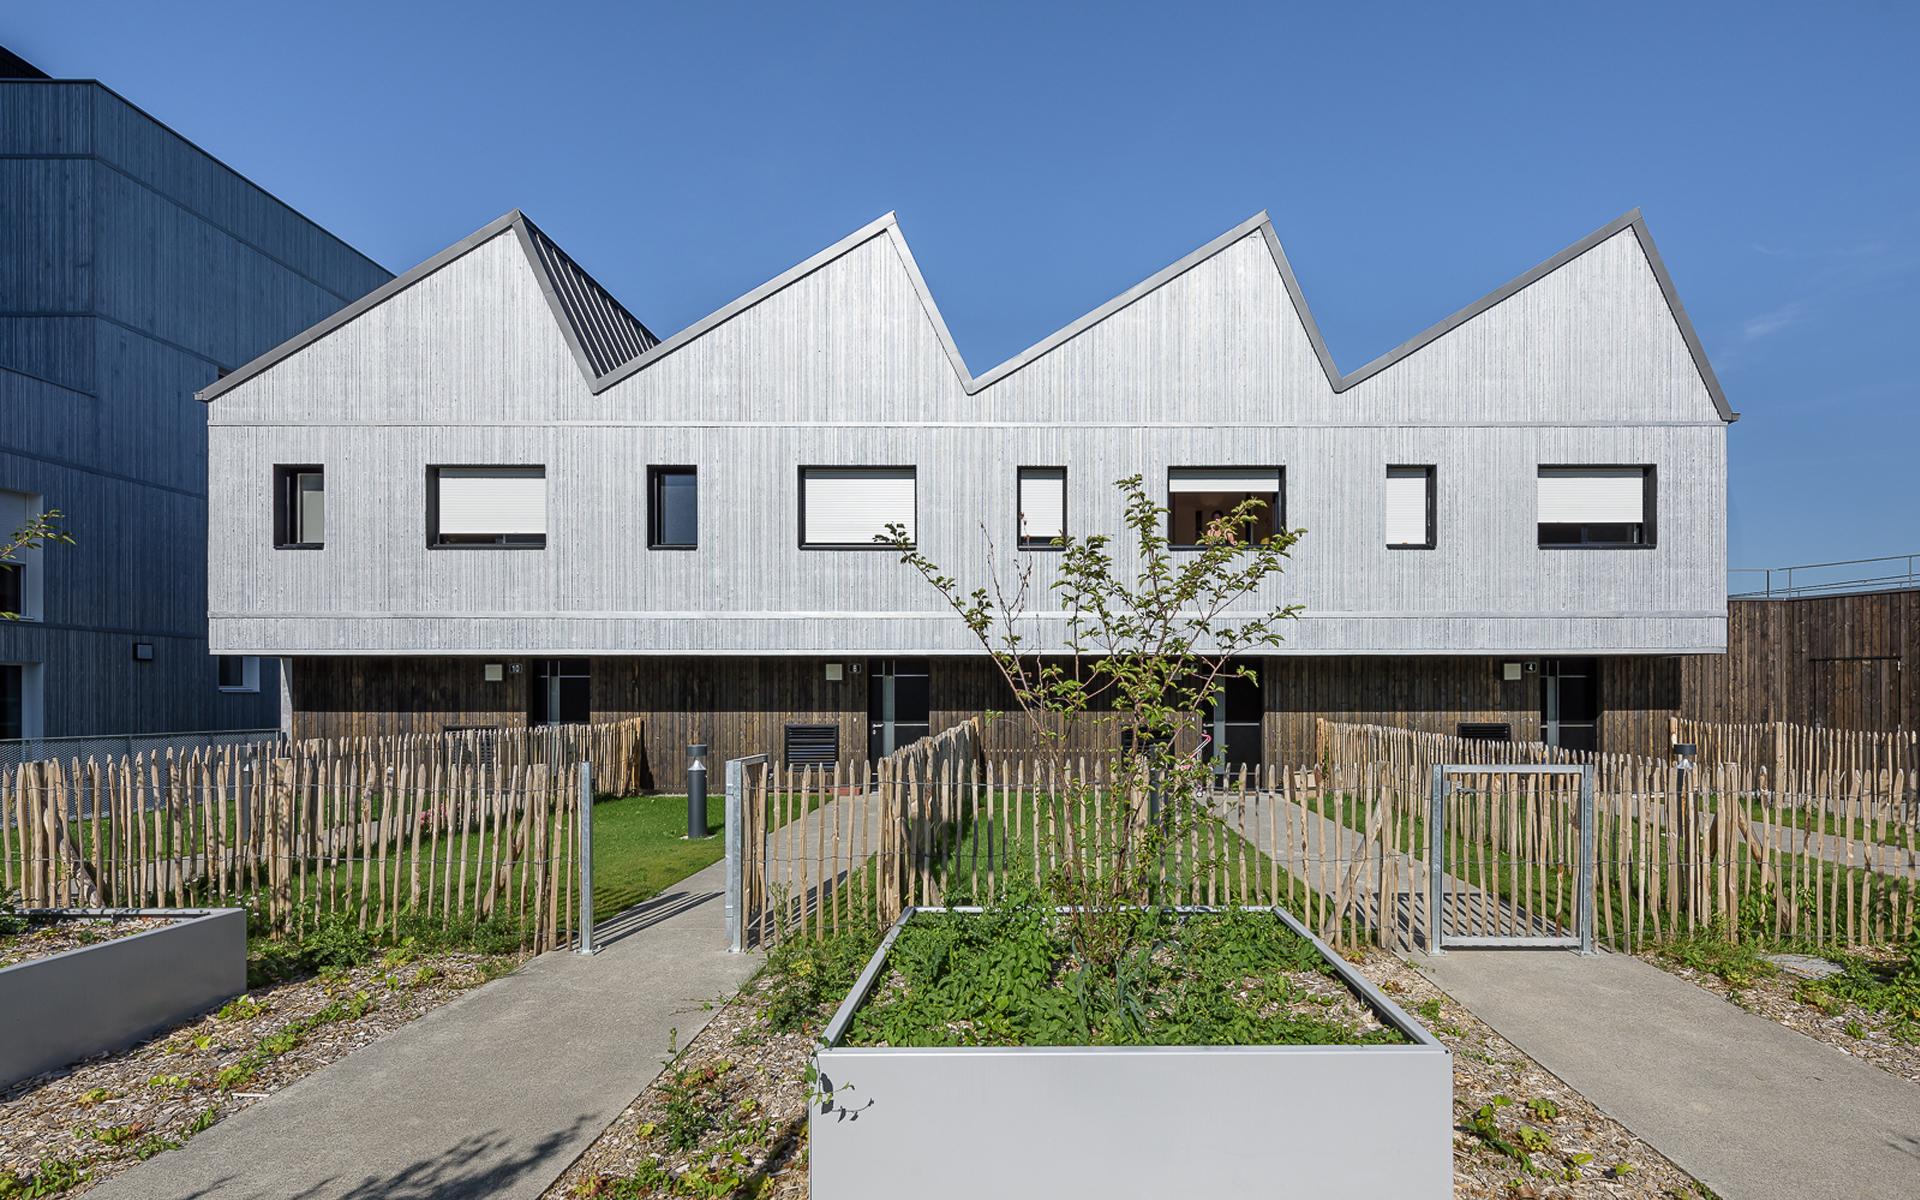 helios-park-04-rennes-architecture-bretagne-paumier-architectes-1920×1200